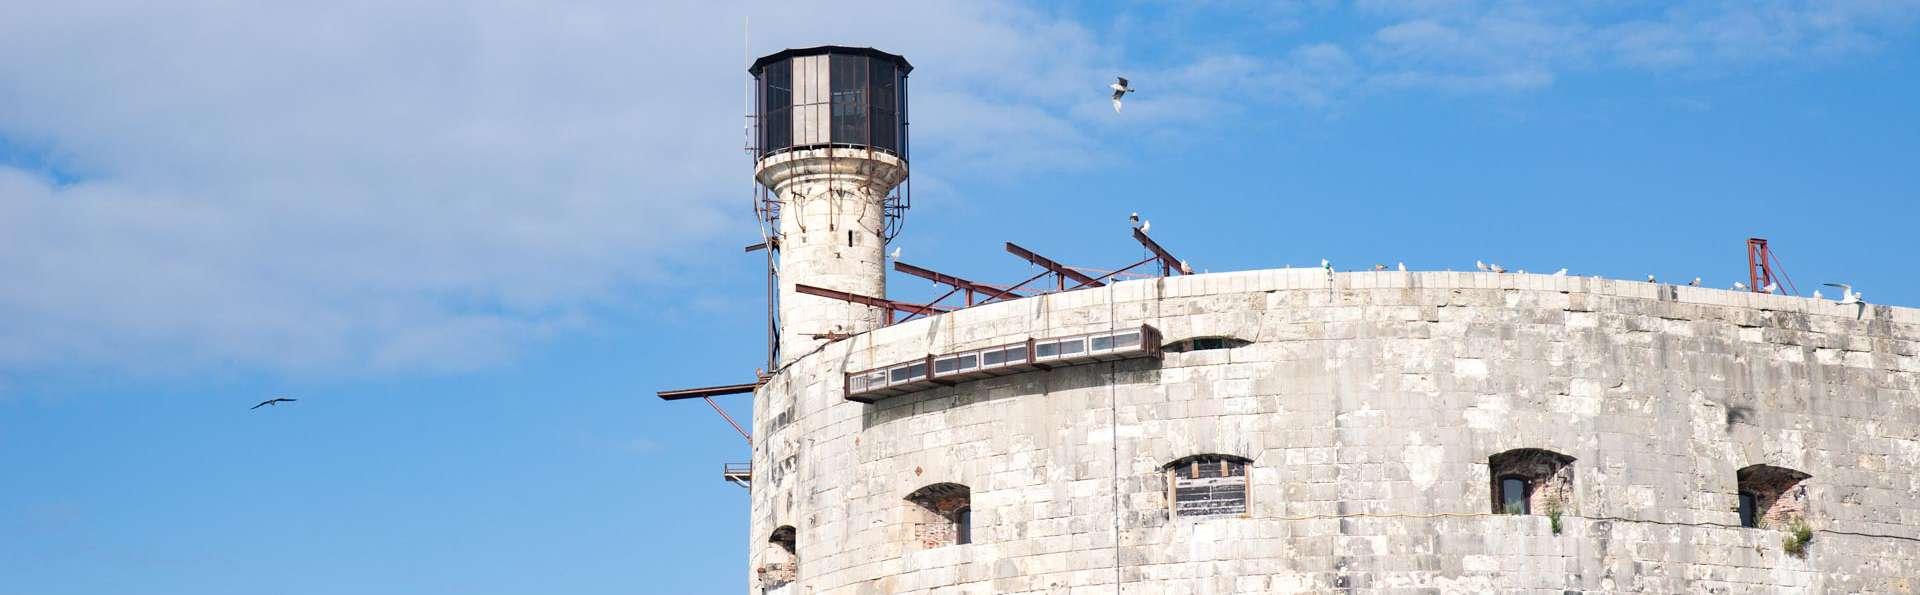 Séjour de charme à la Rochelle avec escale à l'île d'Aix (via Fort Boyard)